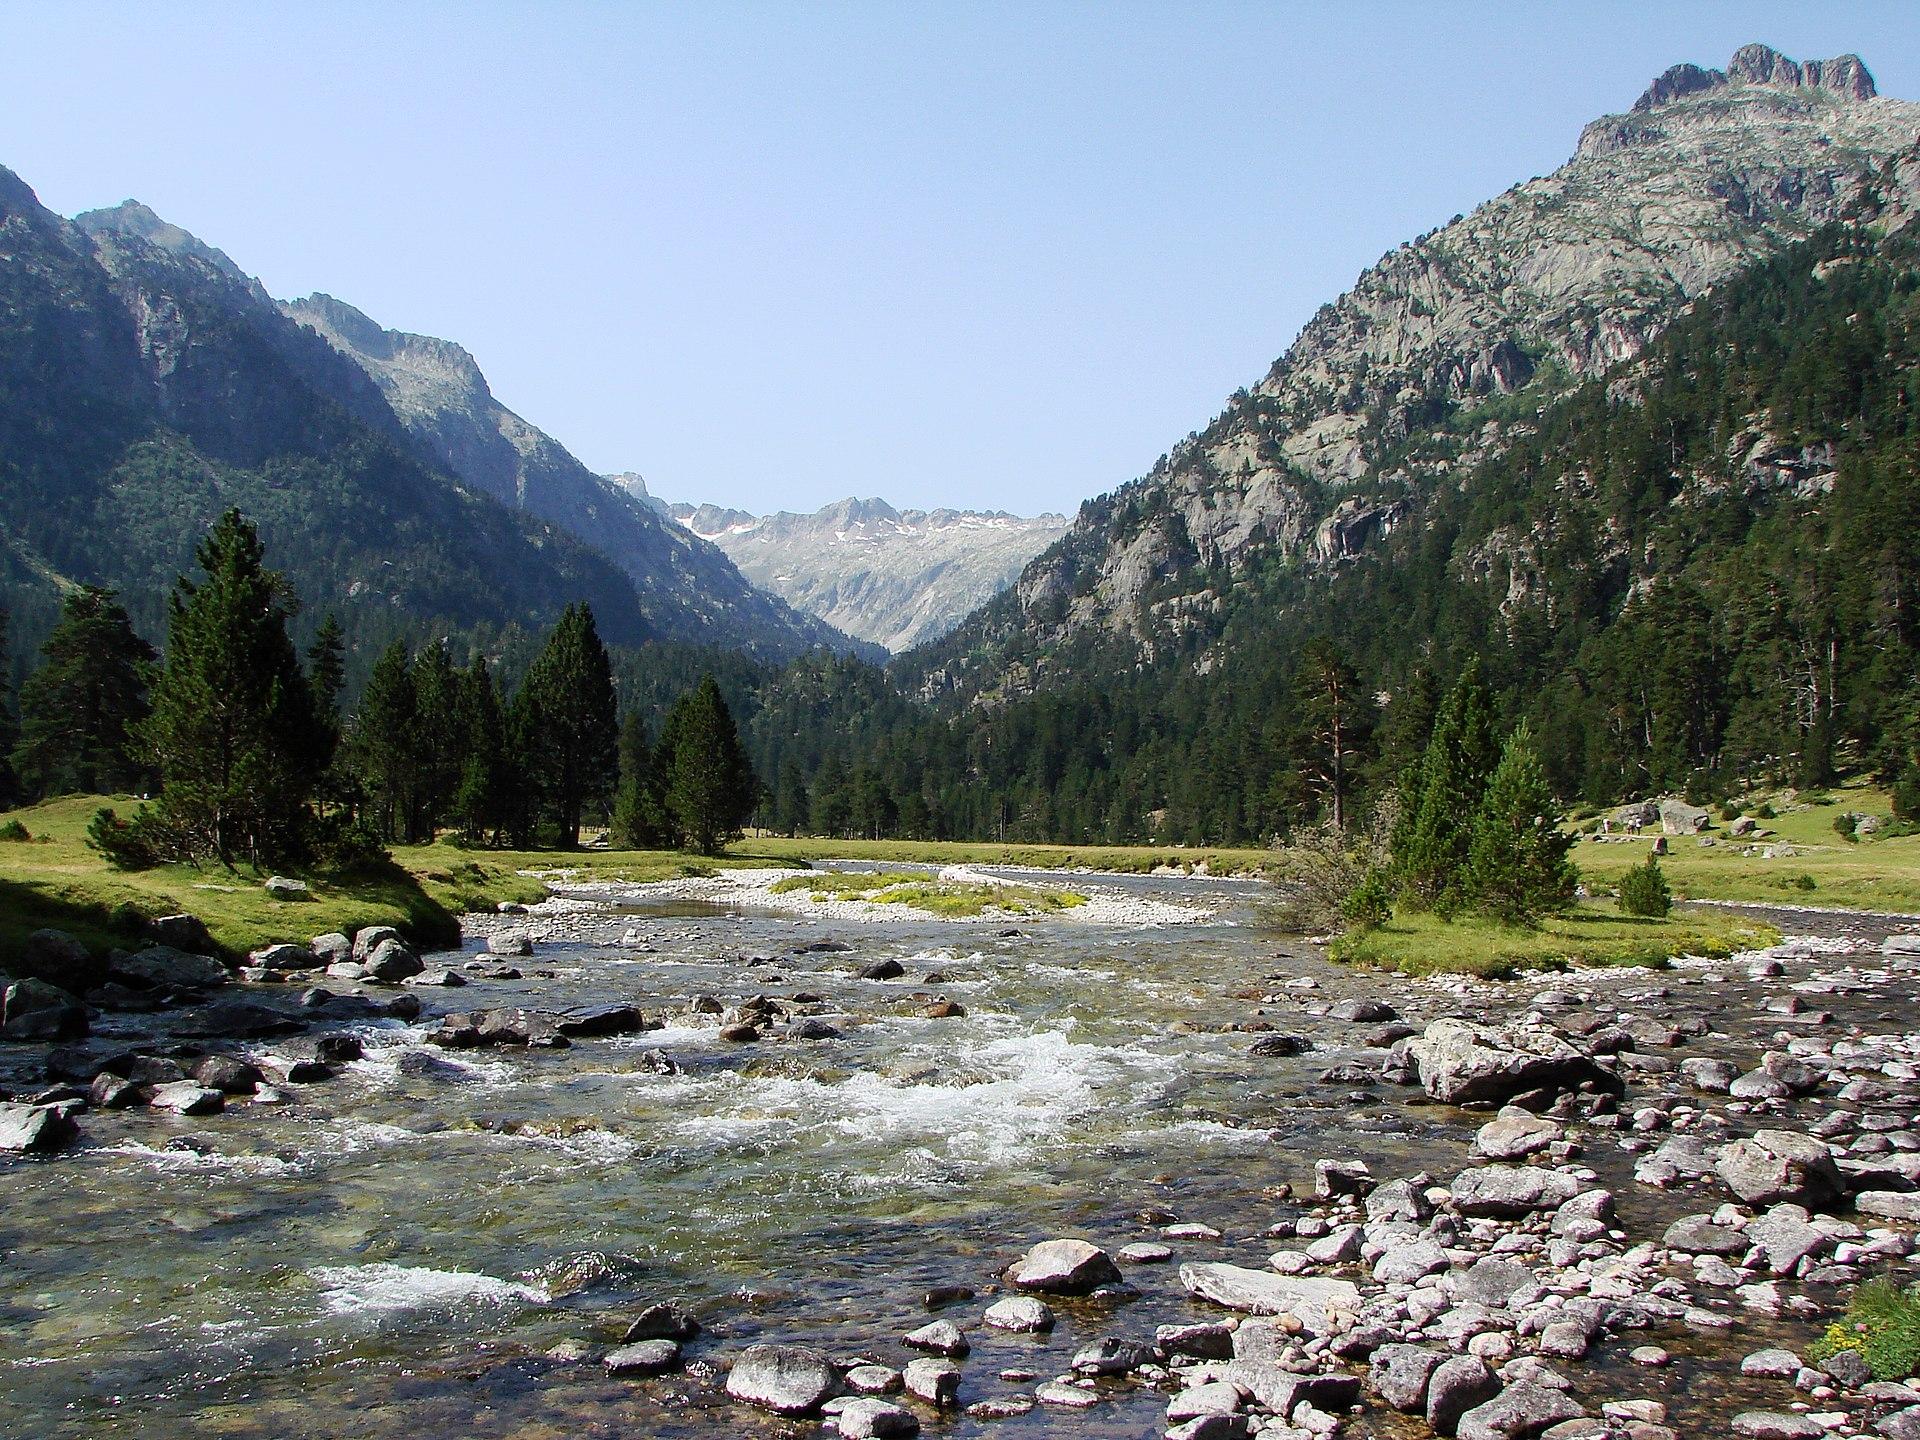 Parco nazionale dei pirenei wikipedia - Simboli di immagini della francia ...